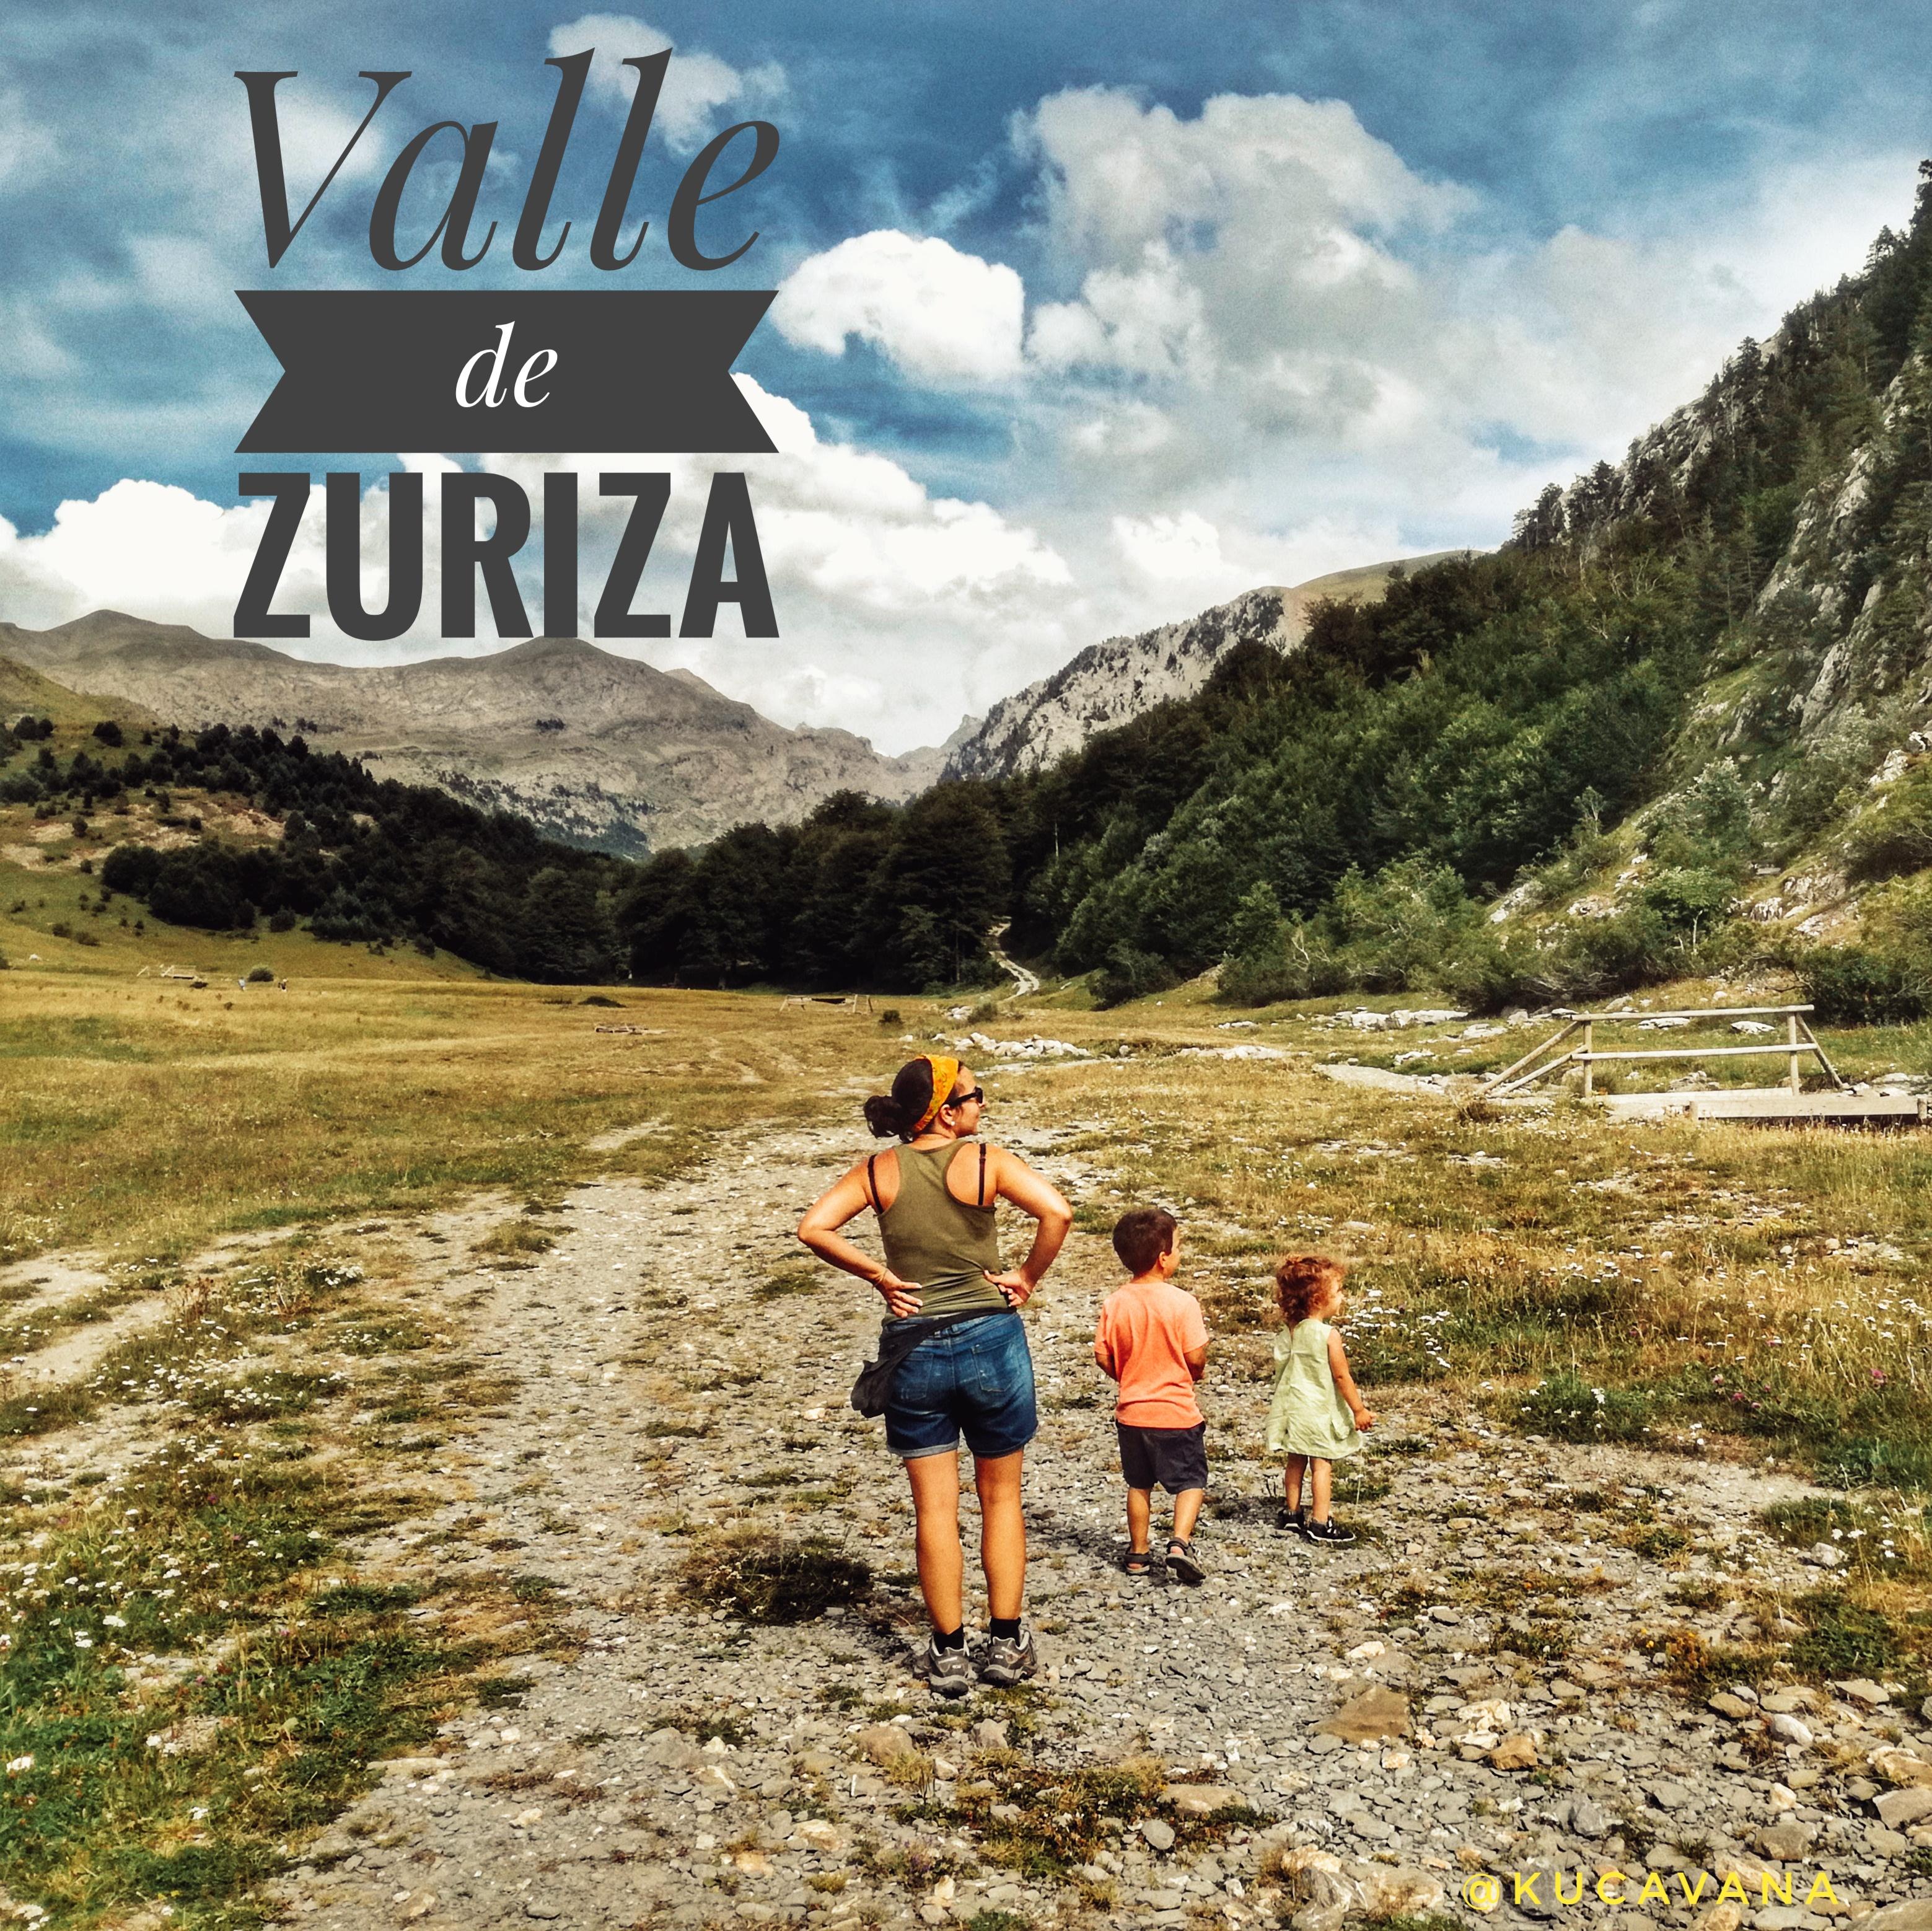 La vallée de Zuriza, la grande destination des Pyrénées aragonaises que vous ne connaissez pas encore